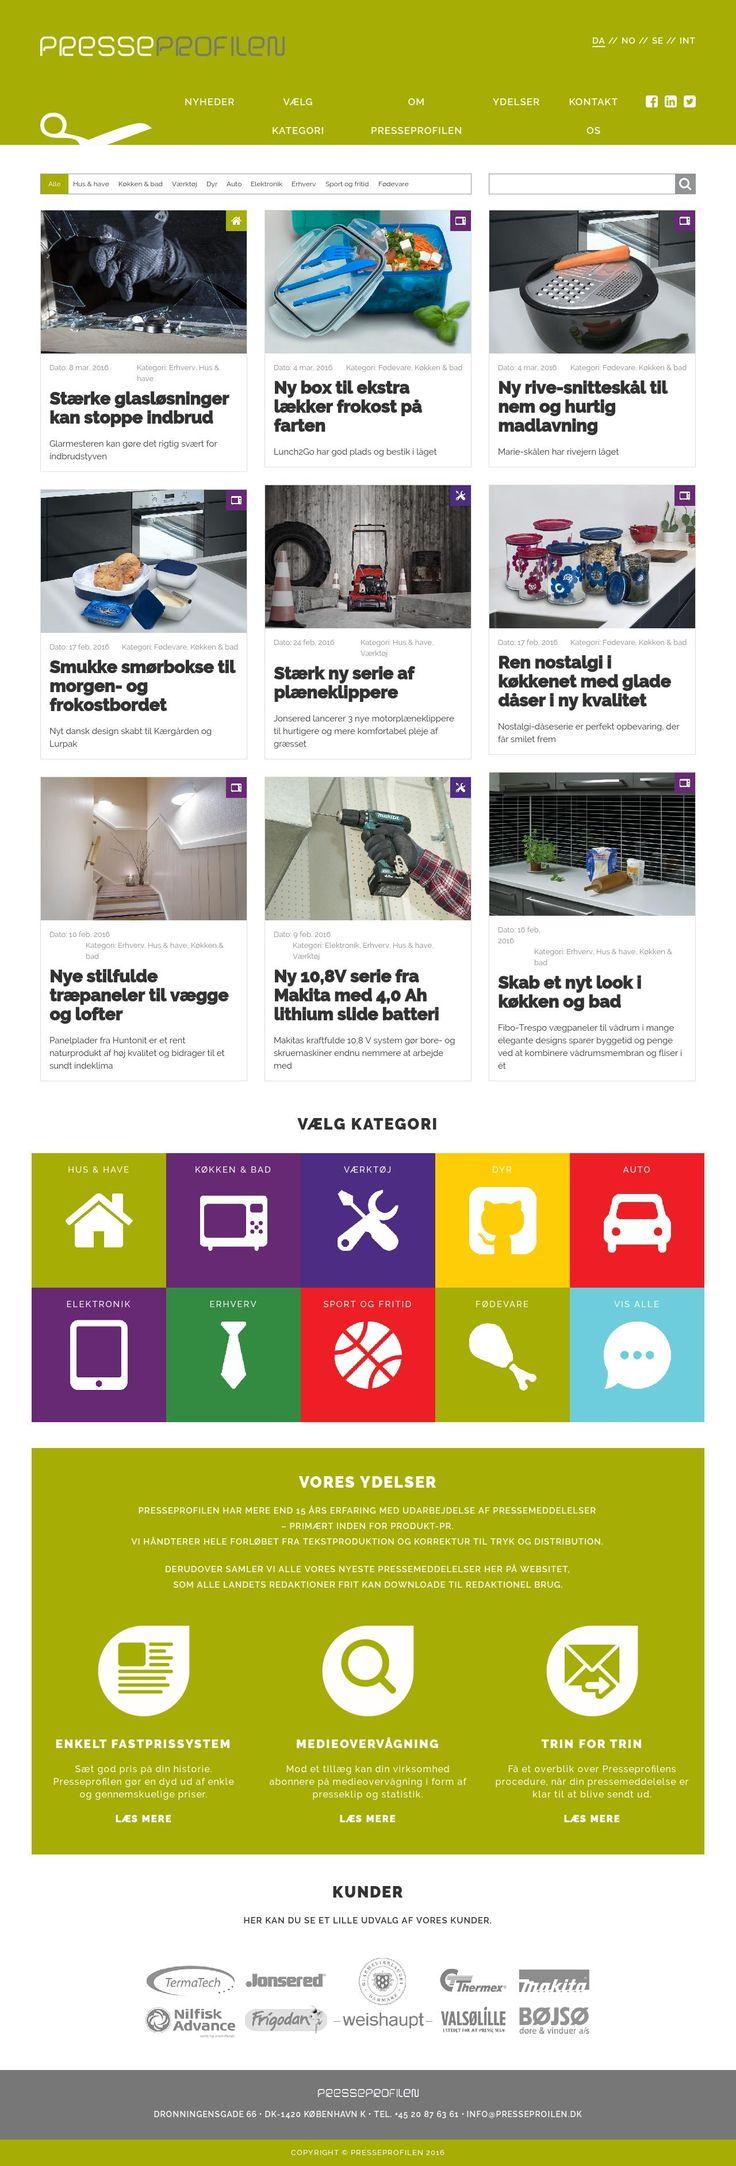 Presseprofilen - Dynamisk nyhedsportal med forskellige nyhedskategorier på flere sprog.